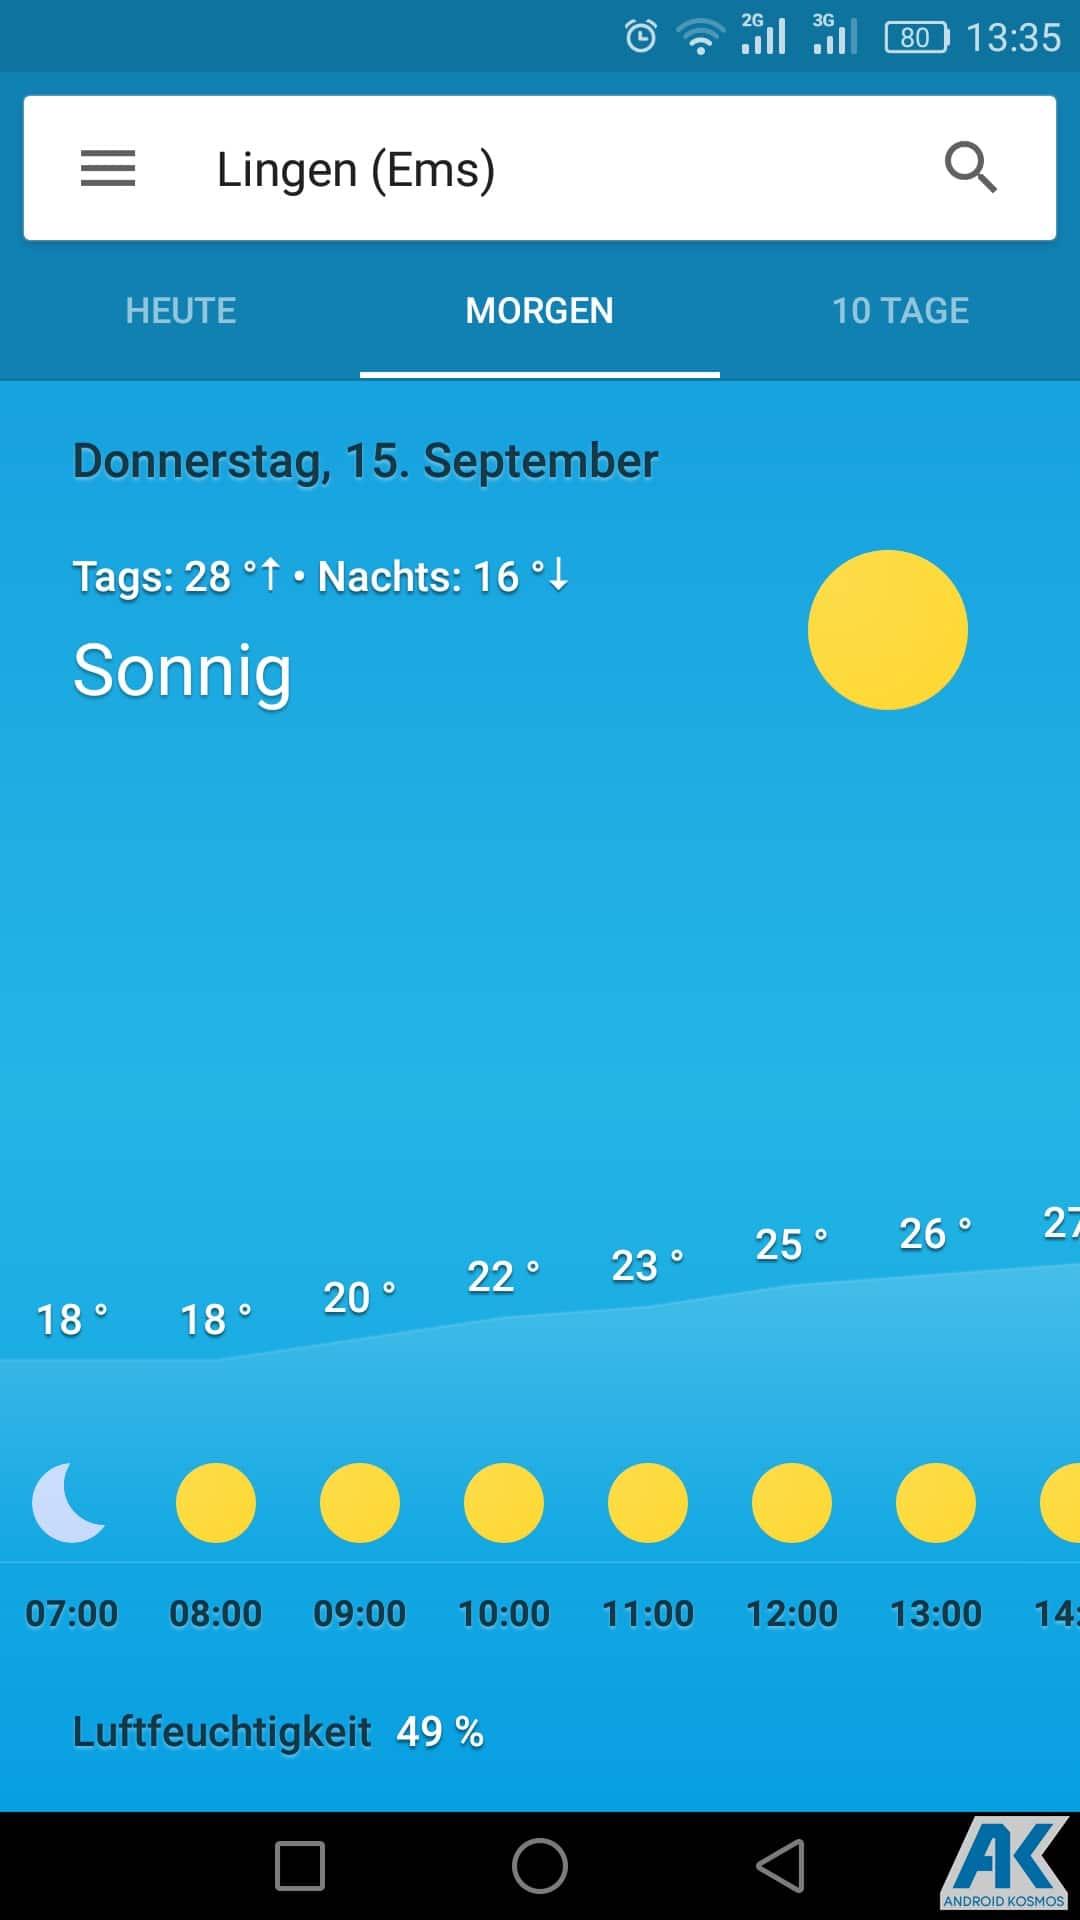 AndroidKosmos | Google Now Wetter-Karten jetzt auch für deutsche Nutzern verfügbar 7